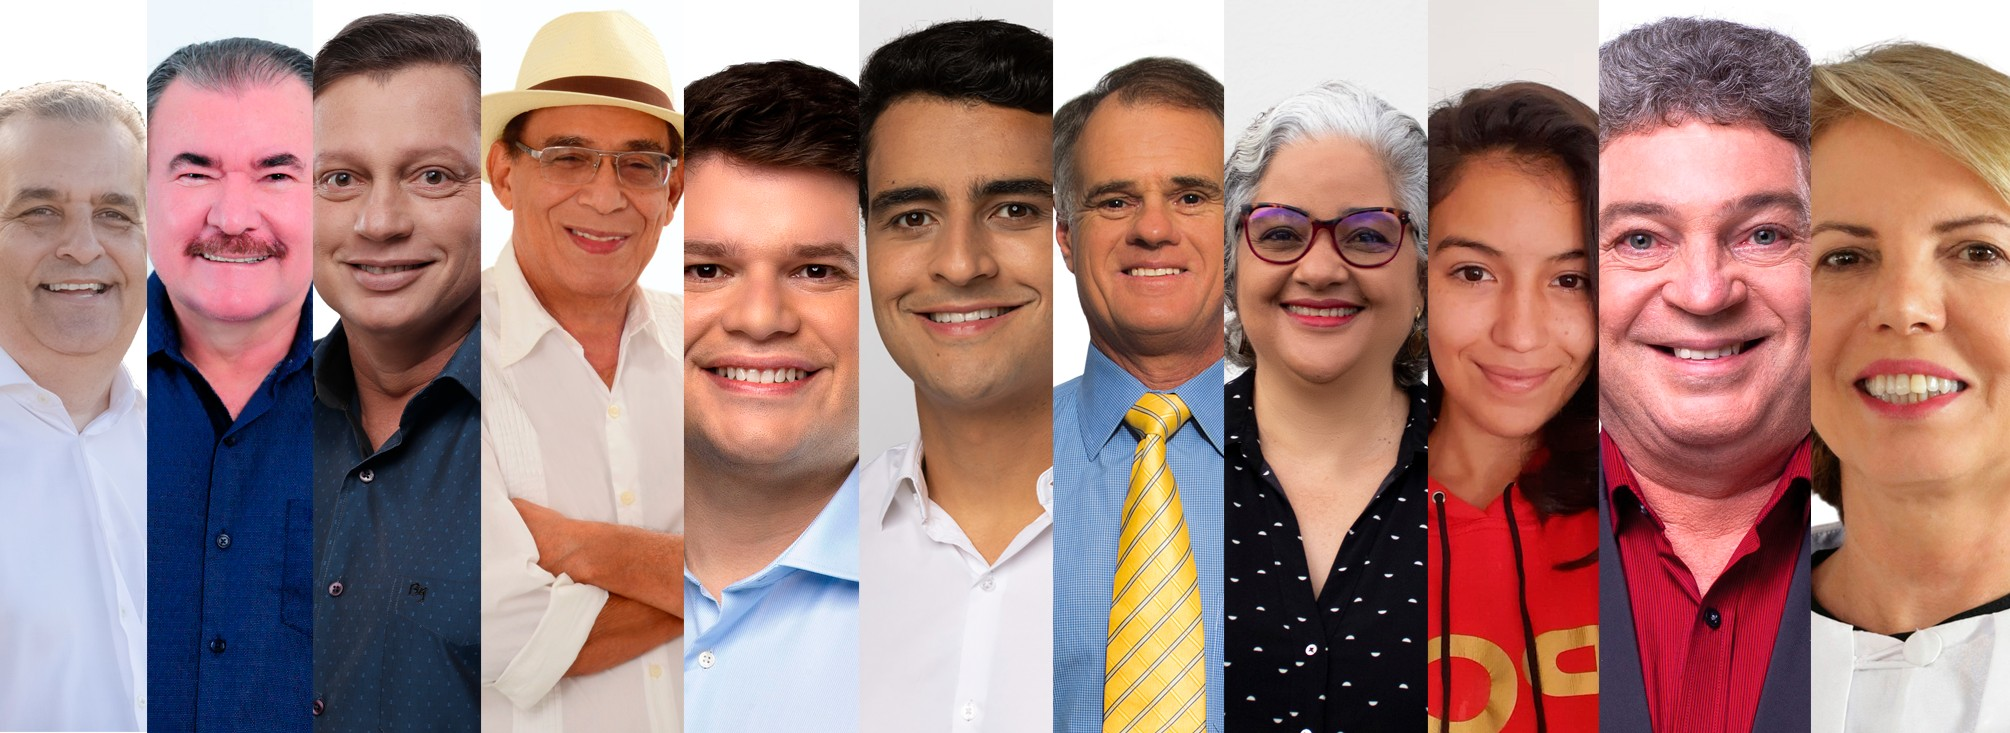 Veja o patrimônio declarado por candidatos à prefeitura de Maceió